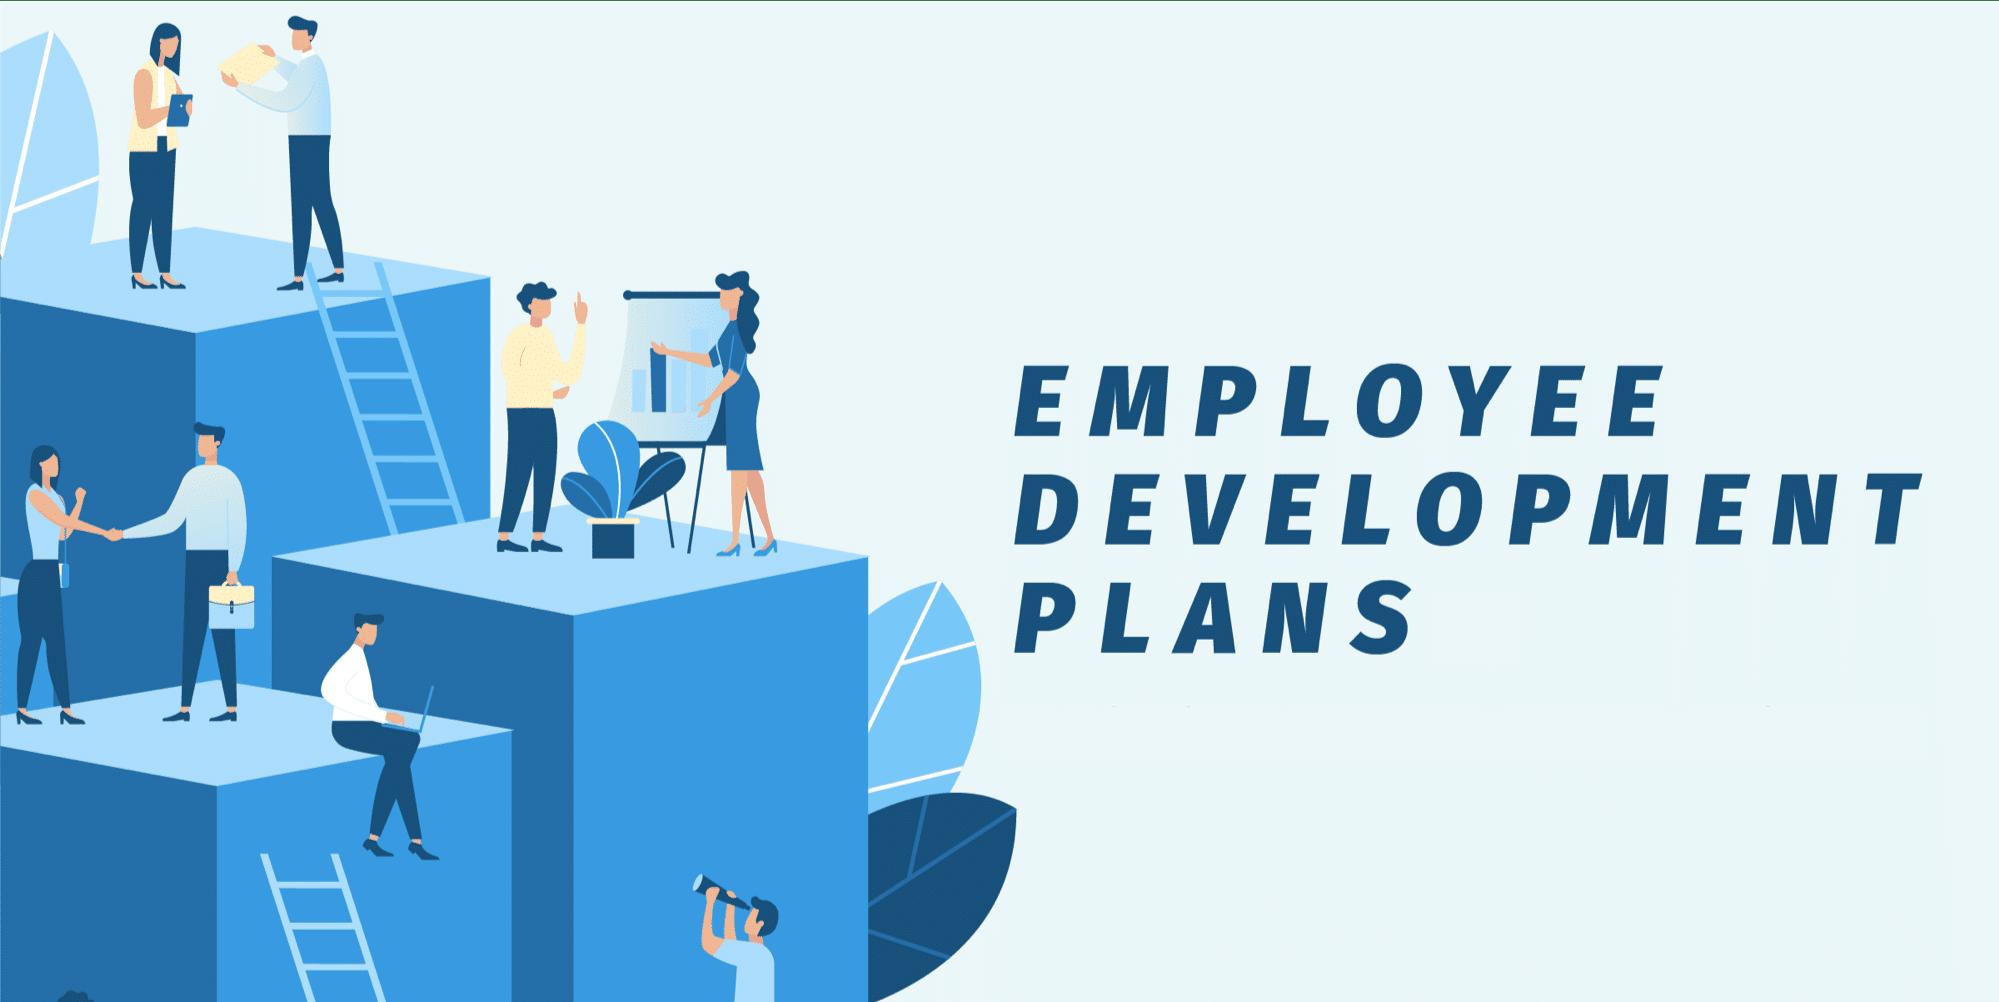 工具模版 | 2 个模板帮助制定员工发展计划